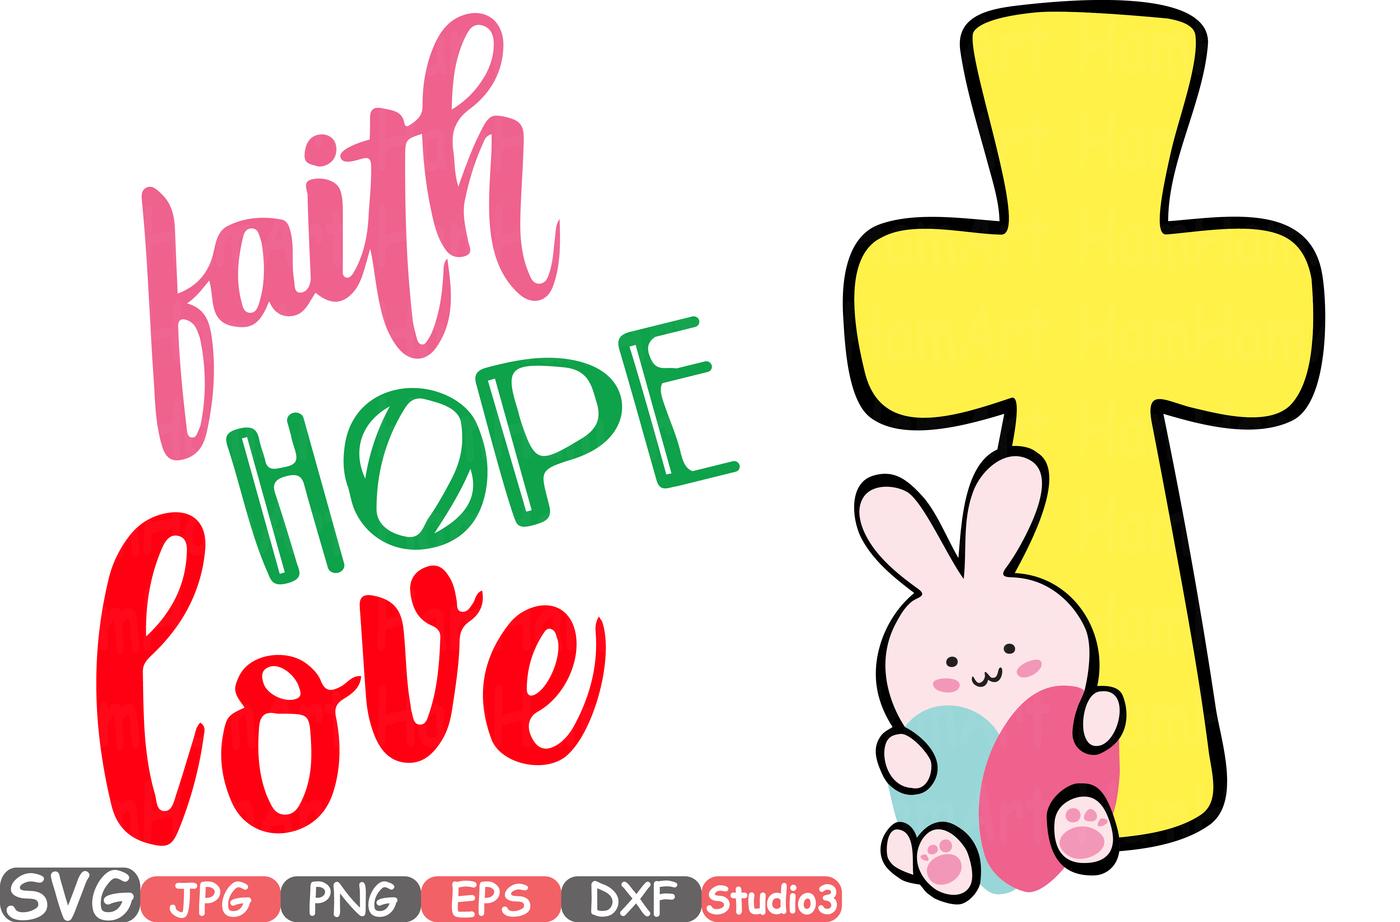 1400x922 Easter Silhouette Svg Faith Hope Love Bunny Cross Eggs 71sv By